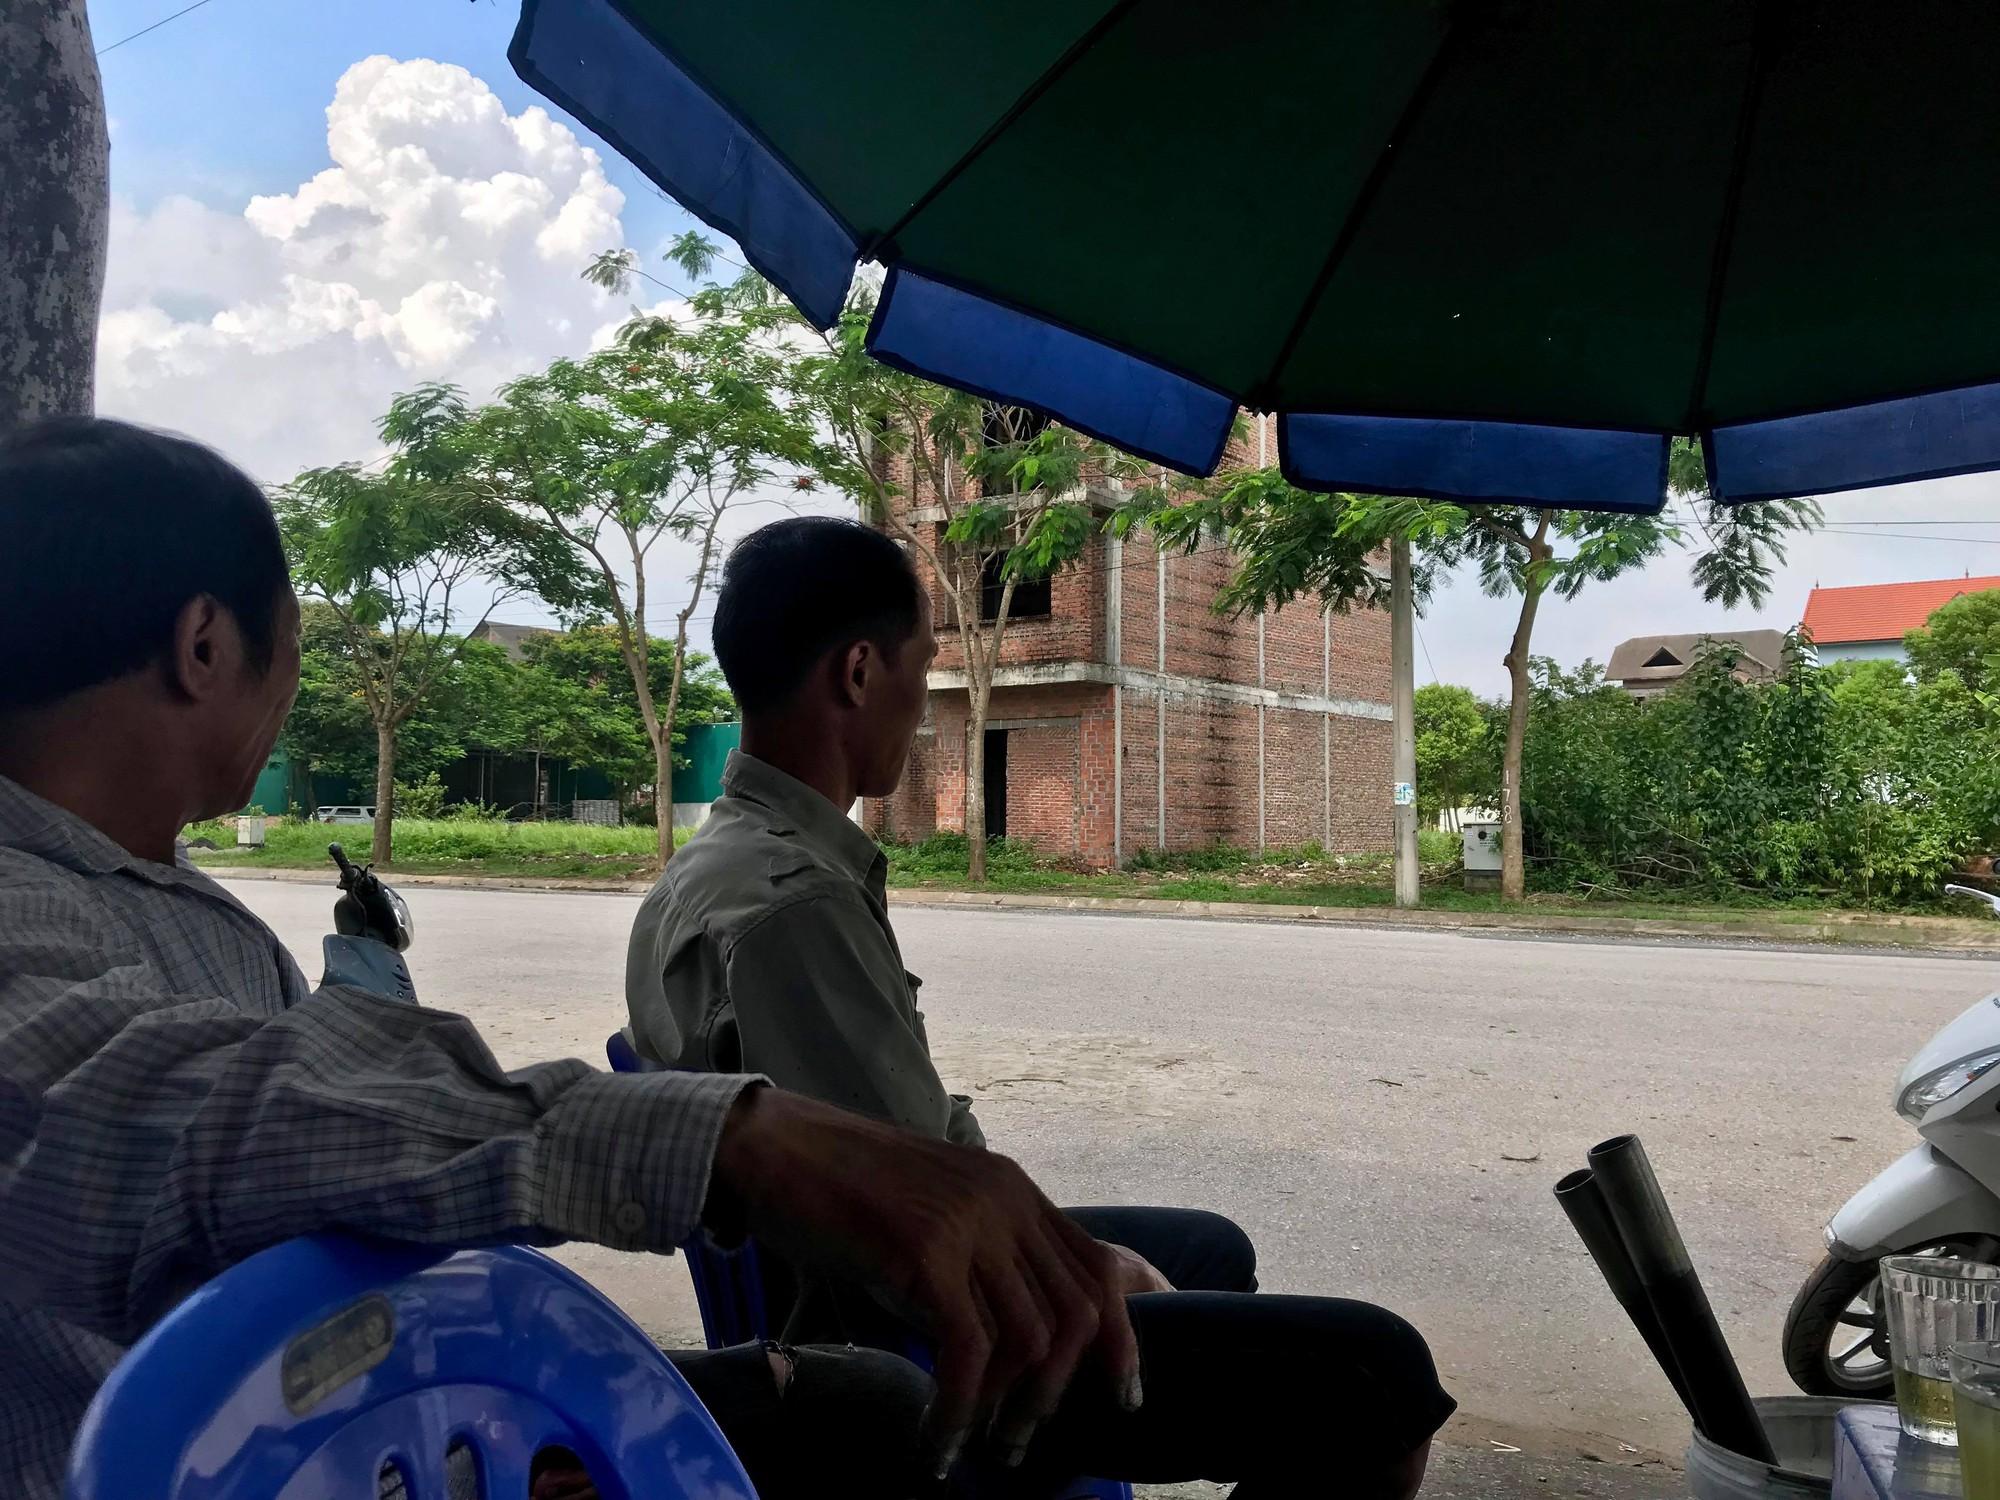 Dự án 900 tỉ đồng tại Mê Linh trở thành nơi chăn nuôi dê - Ảnh 13.